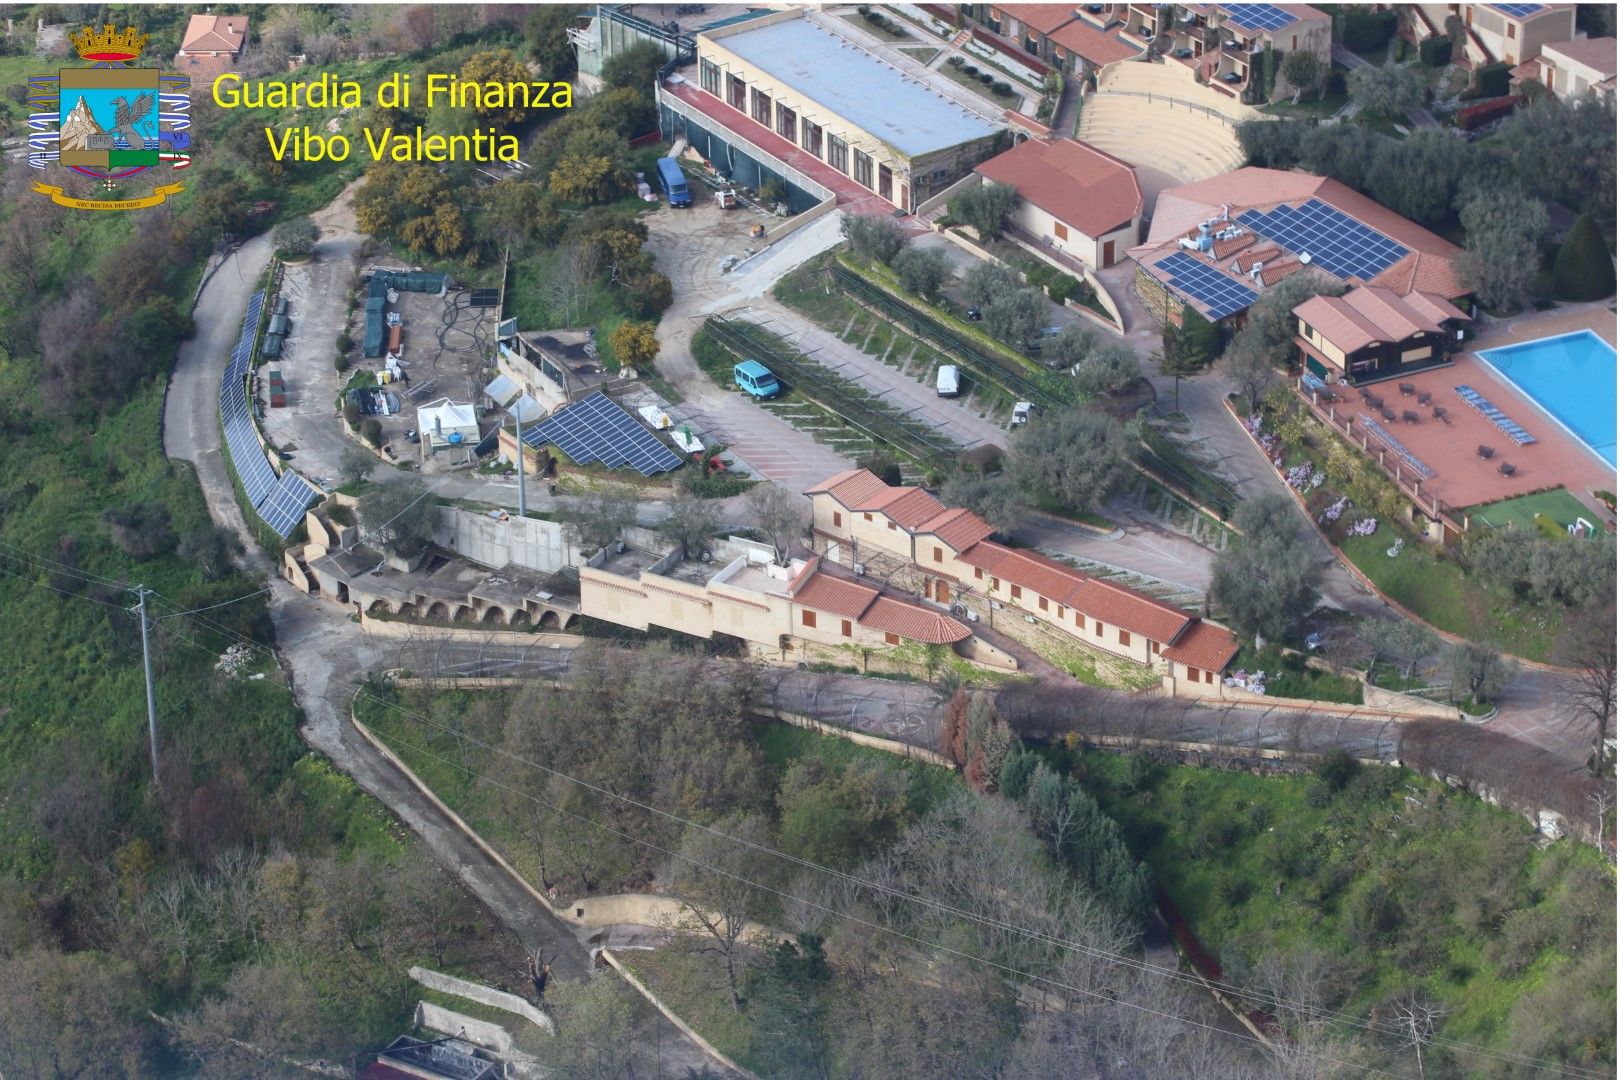 Opere edilizie abusive in un villaggio turisticoSequestrate strutture per un valore di 600 mila euro